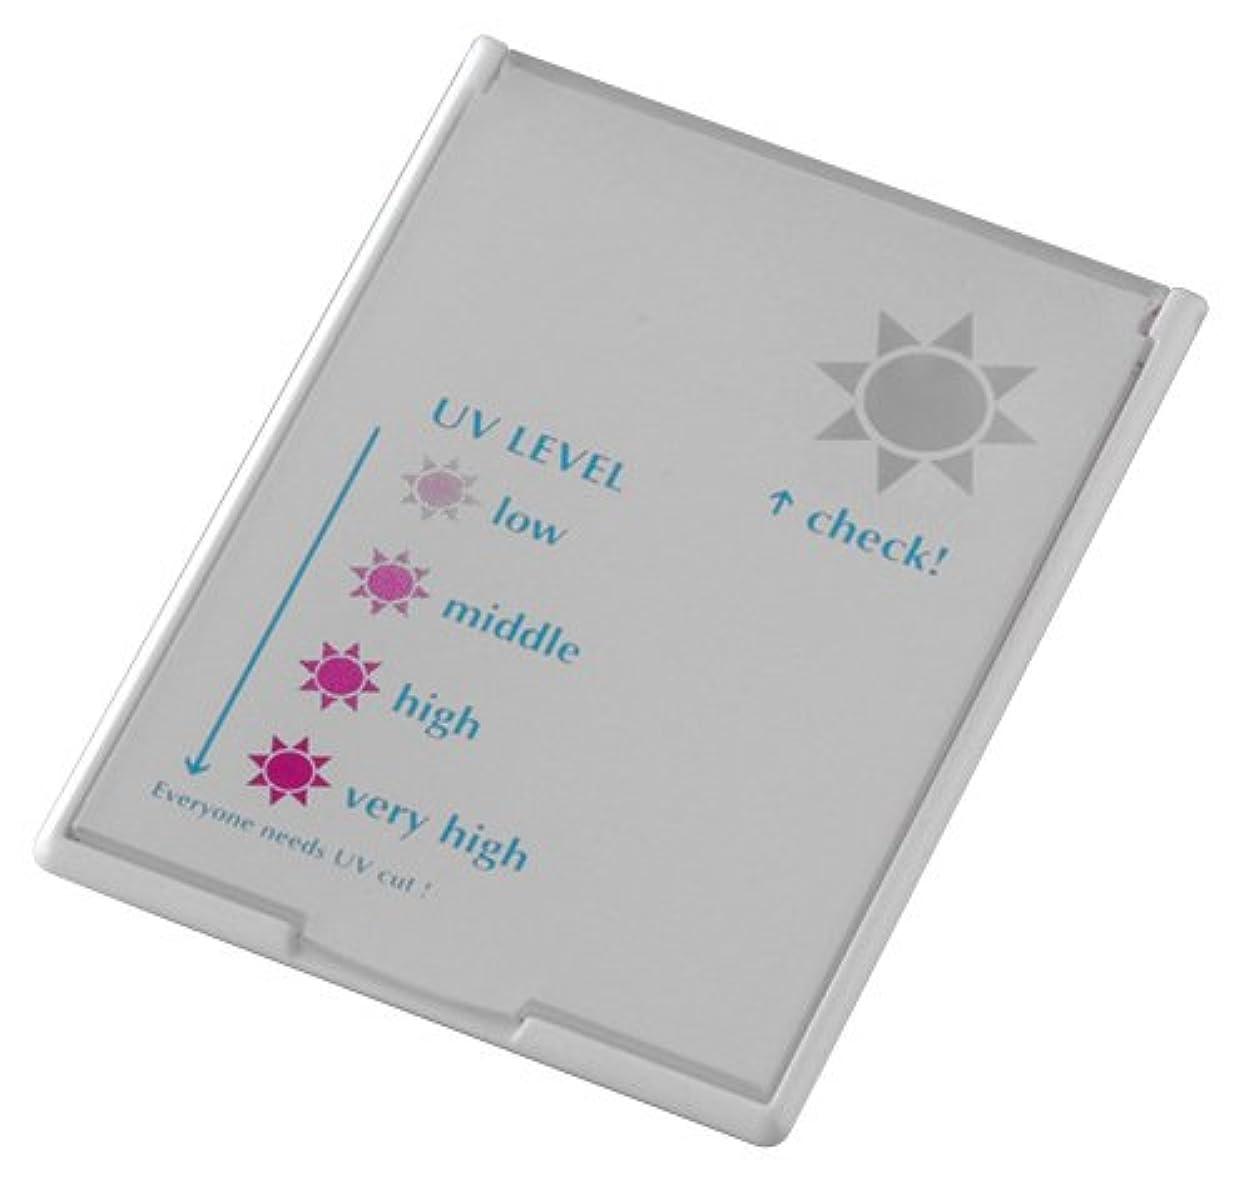 しおれたペック実験UVレベルチェッカーミラー コンパクトタイプ